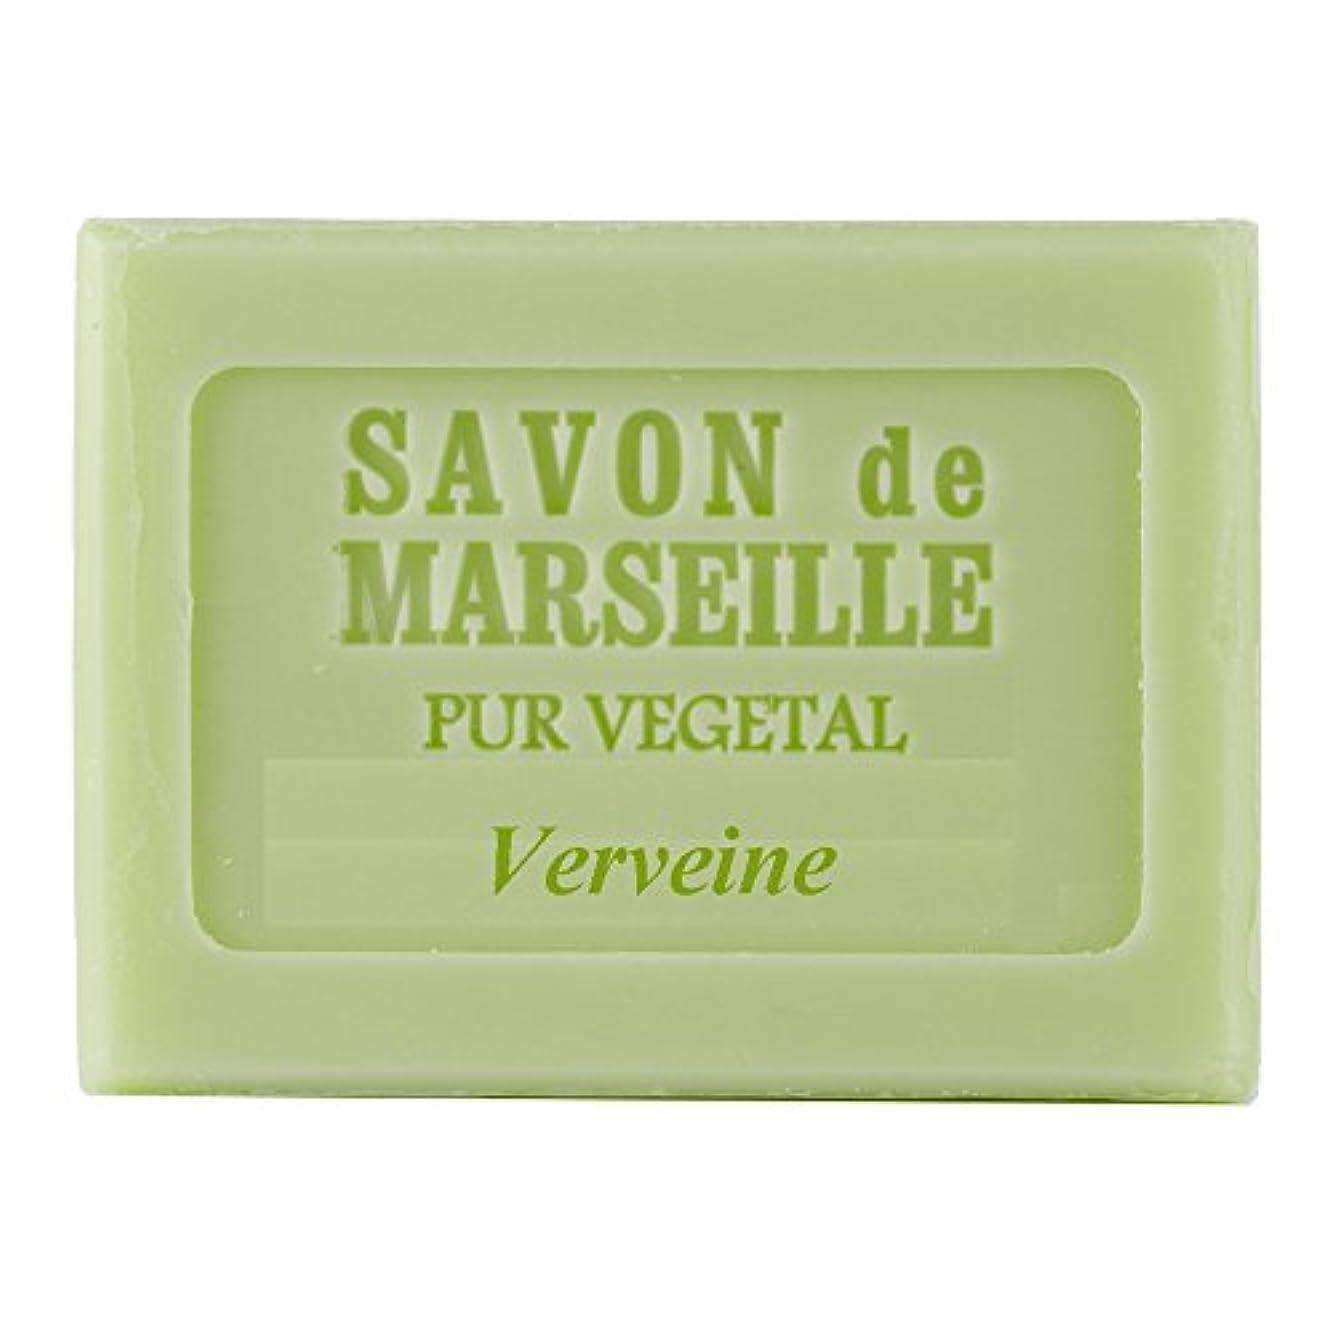 簡潔なヘロイン素晴らしい良い多くのPlantes&Parfums [プランツ&パルファム] マルセイユソープ100g バーベナ